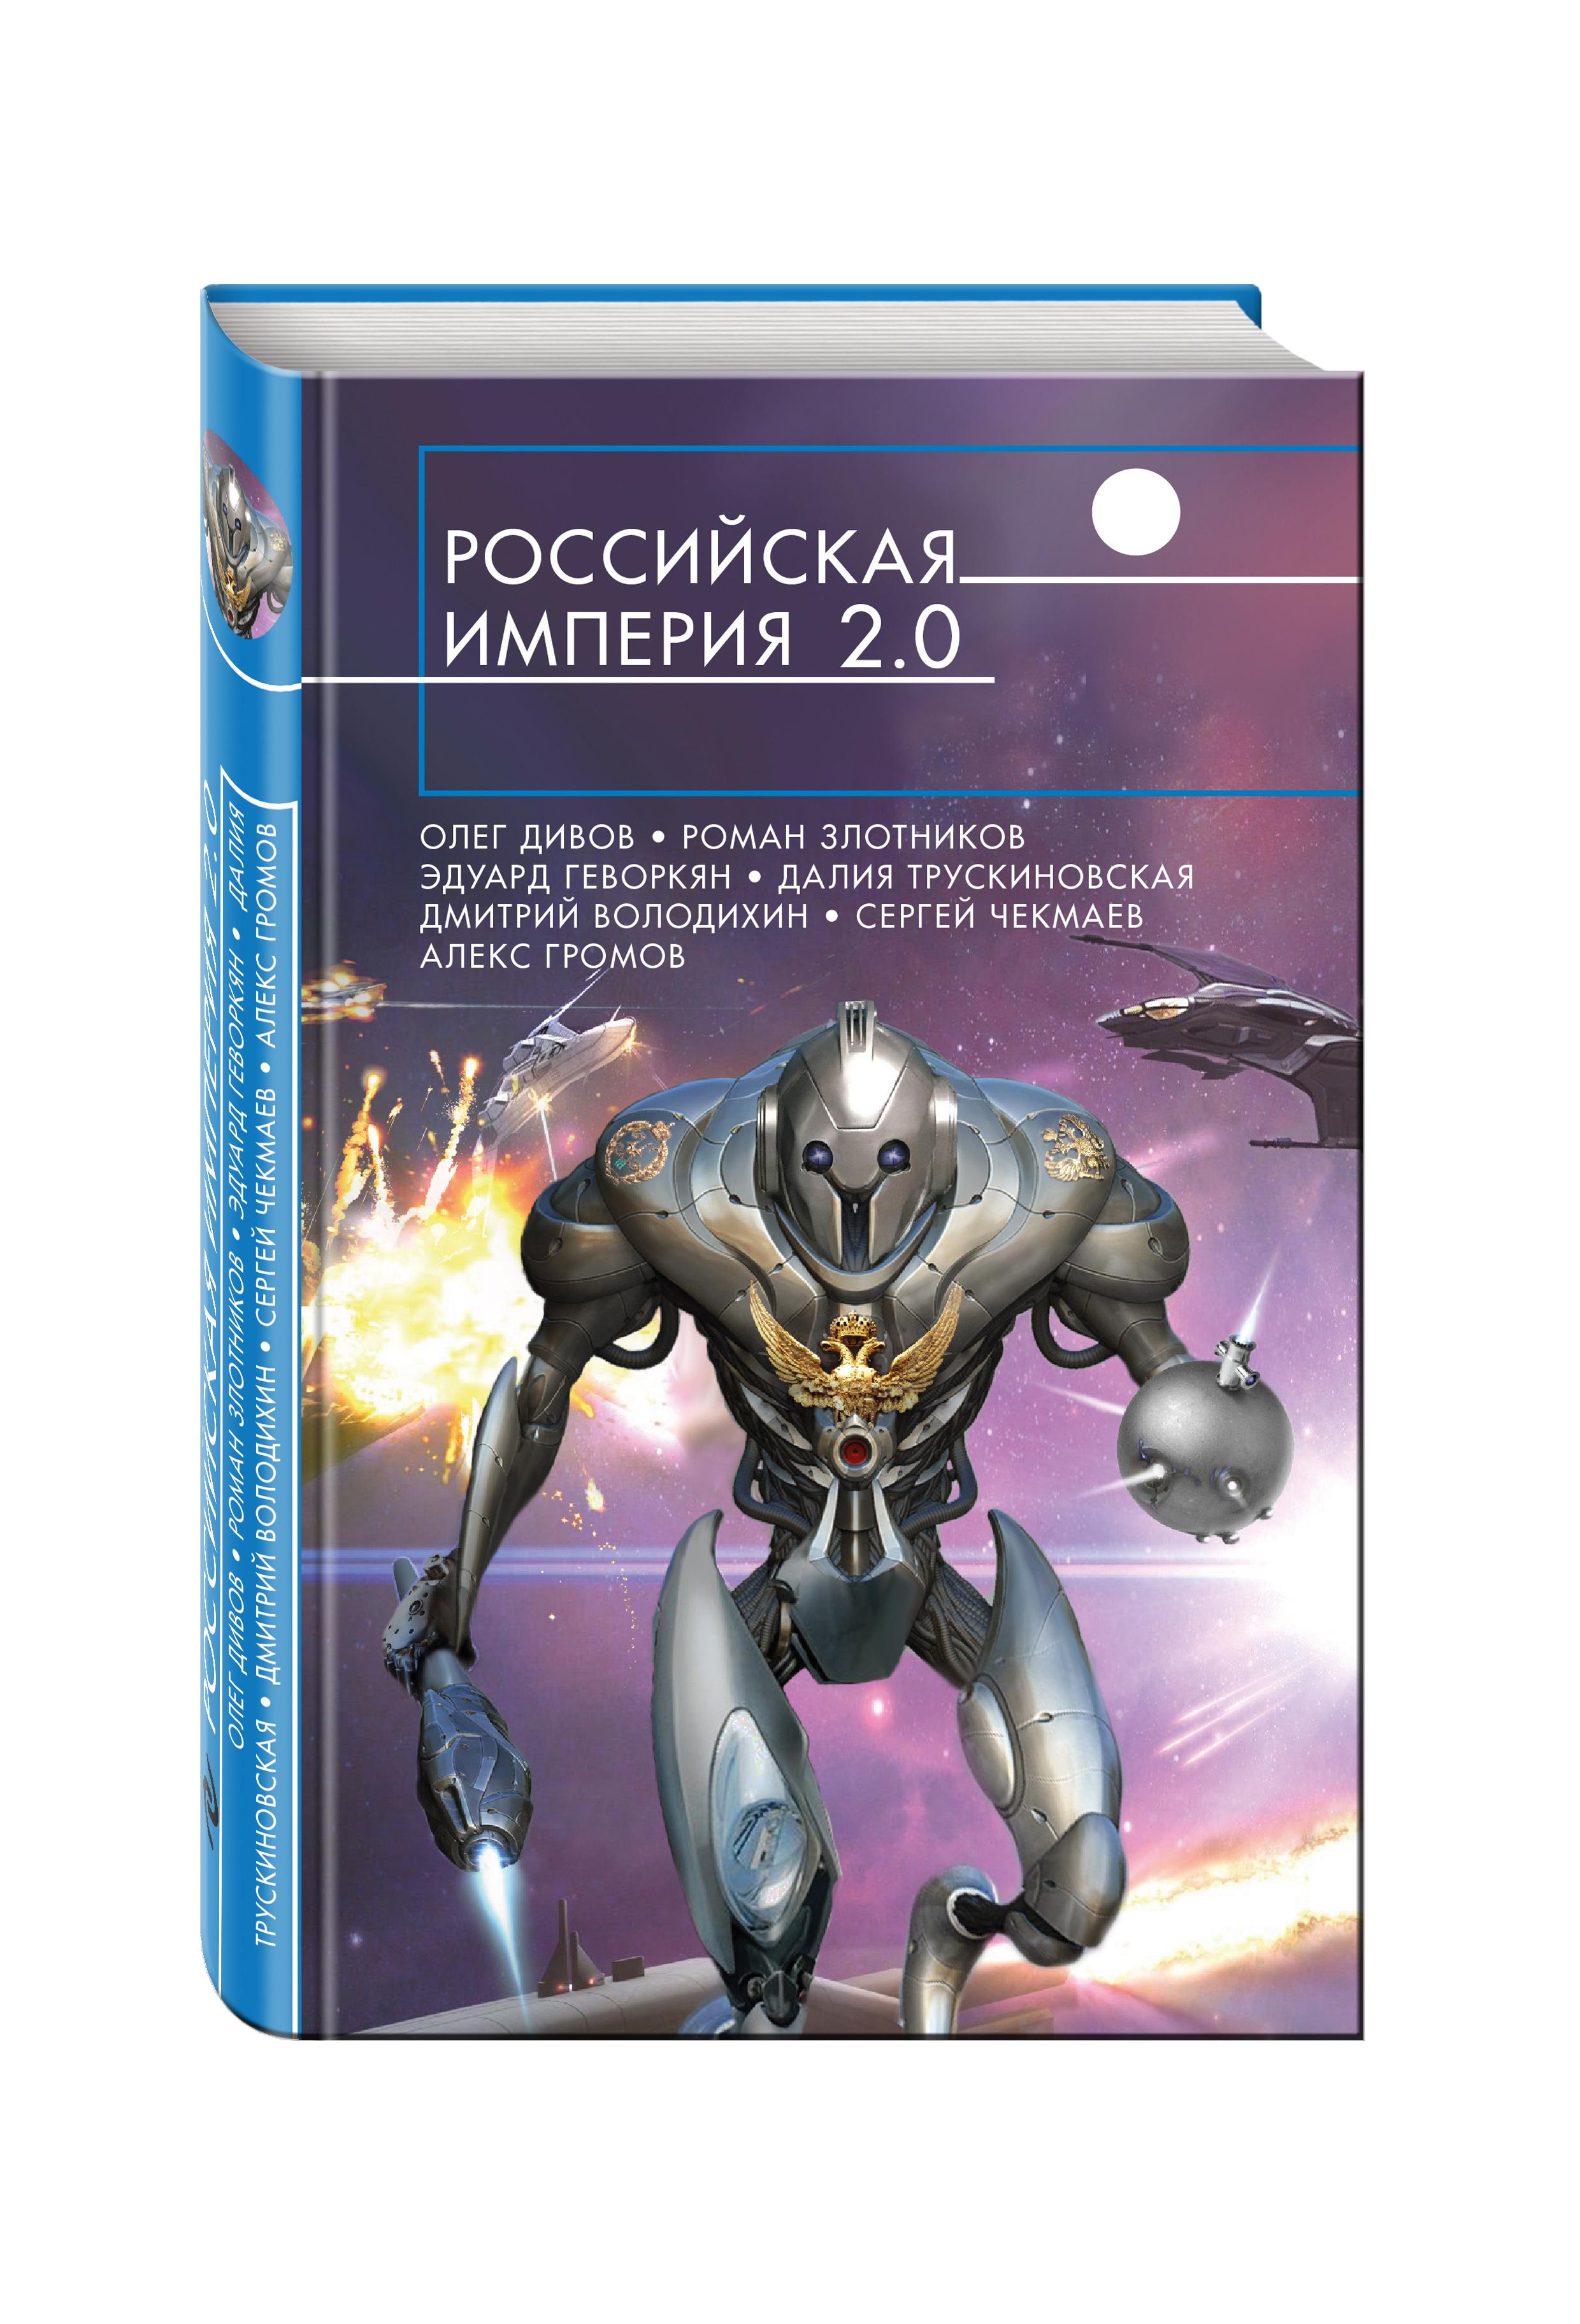 Дивов О., Злотников Р., Геворкян Э. и др. Российская империя 2.0